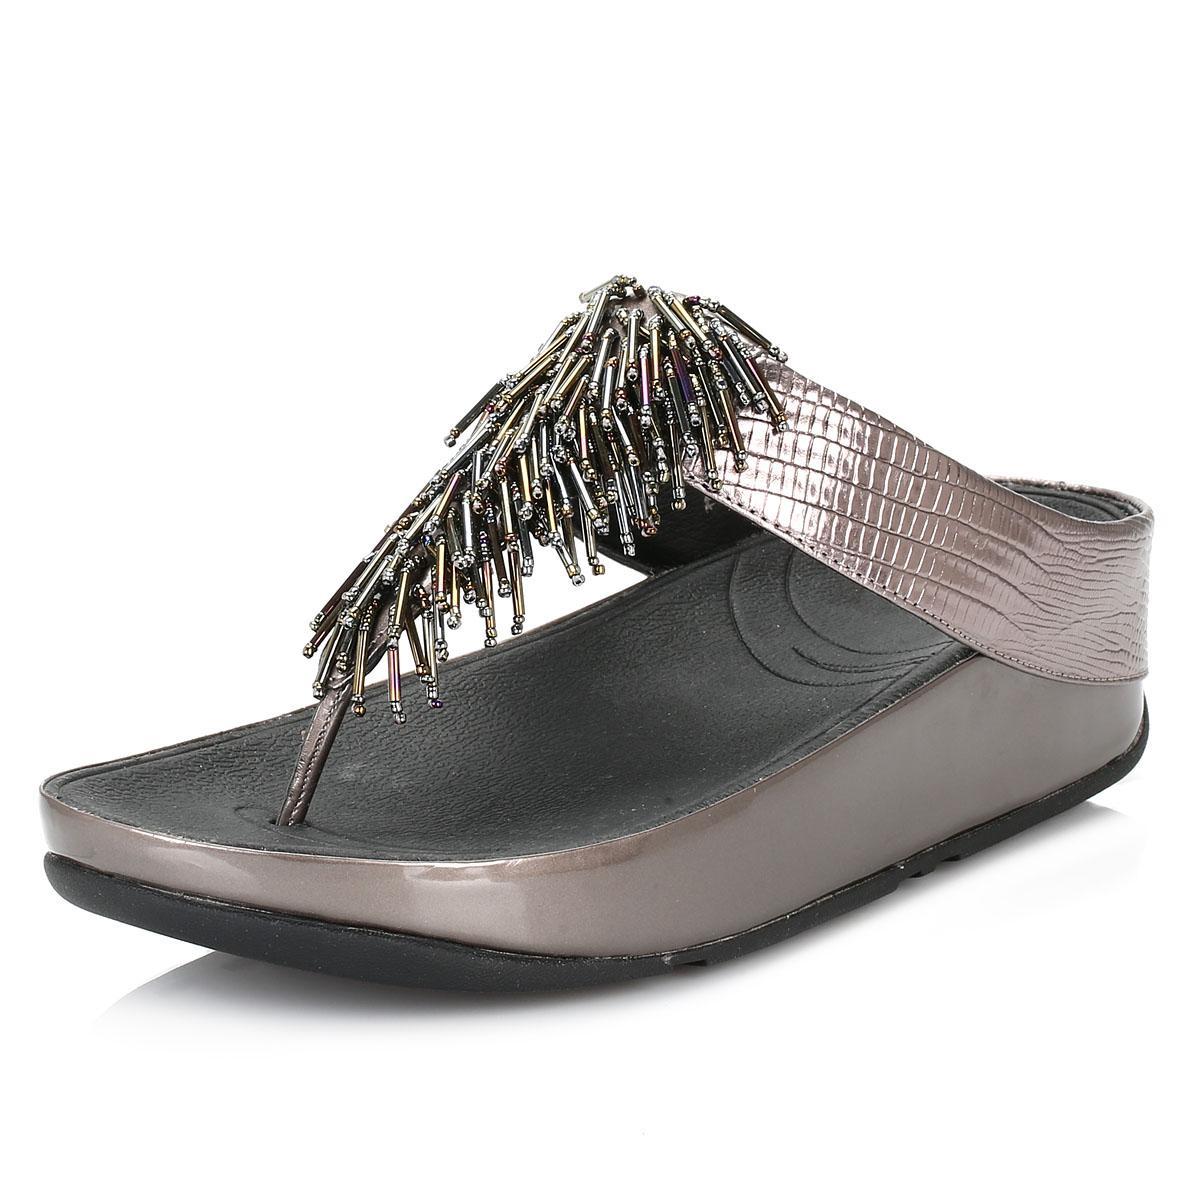 d10939310f3b Lyst - Fitflop Womens Cha Cha Nimbus Silver Sandals in Metallic